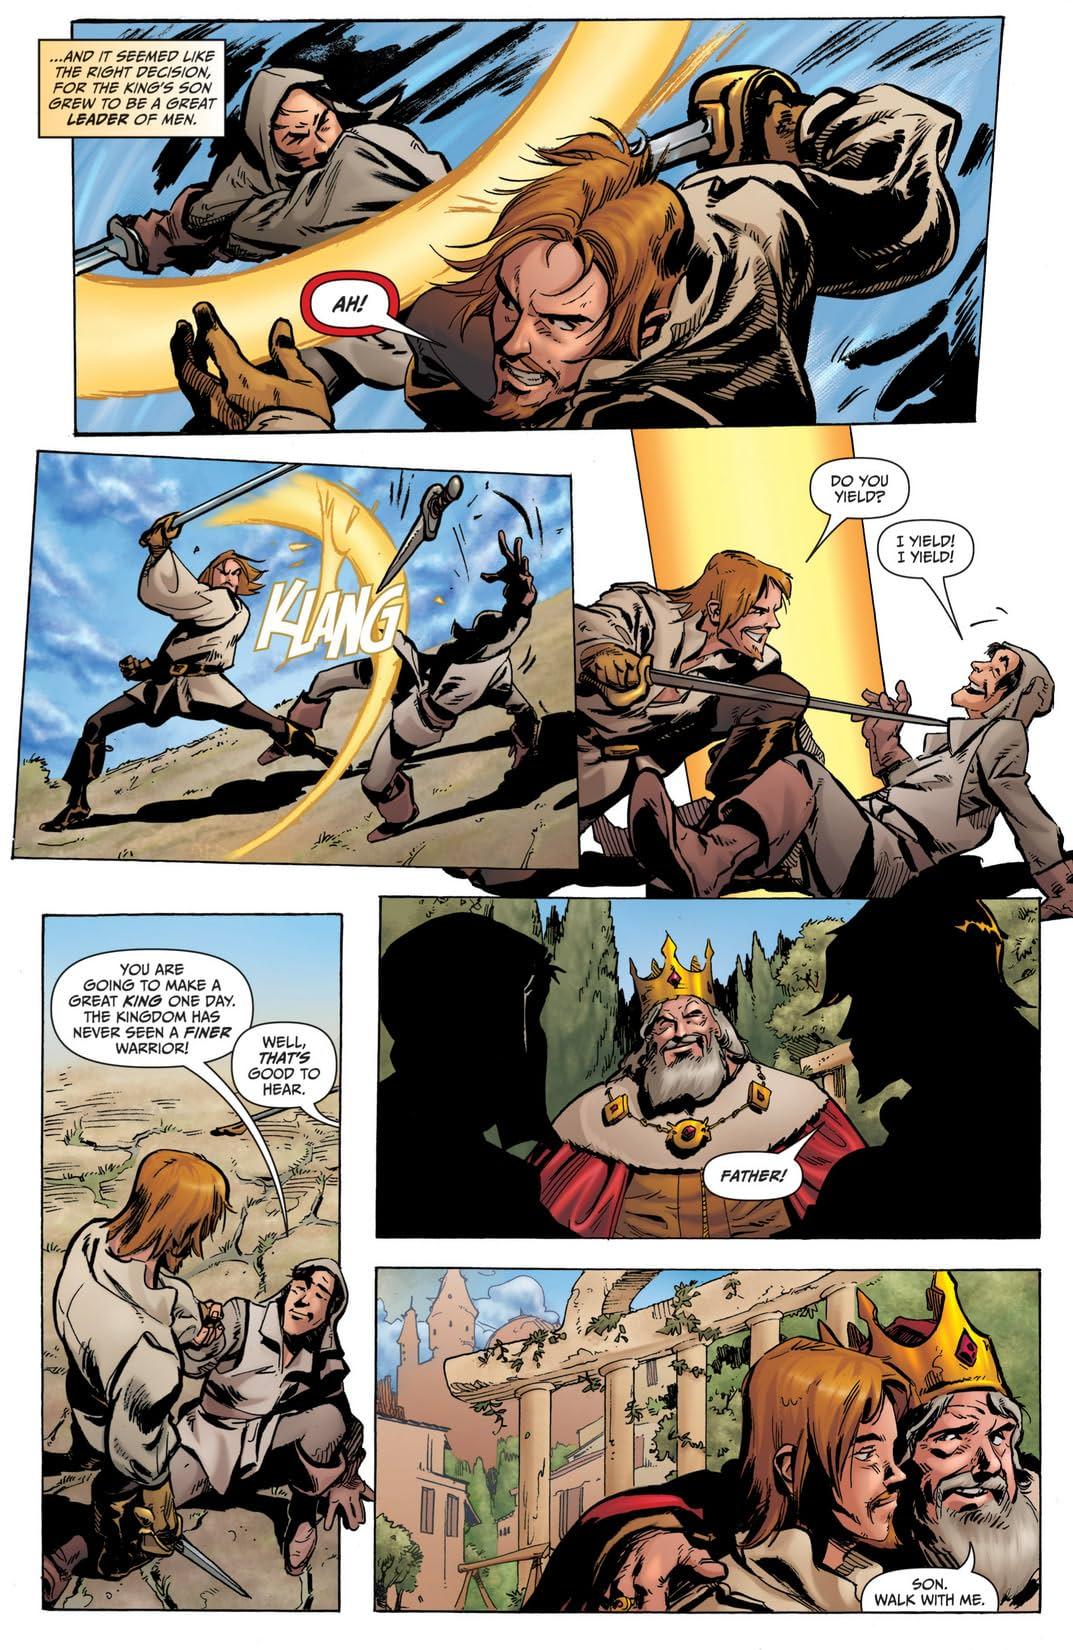 Grimm Universe #4: The Dark One